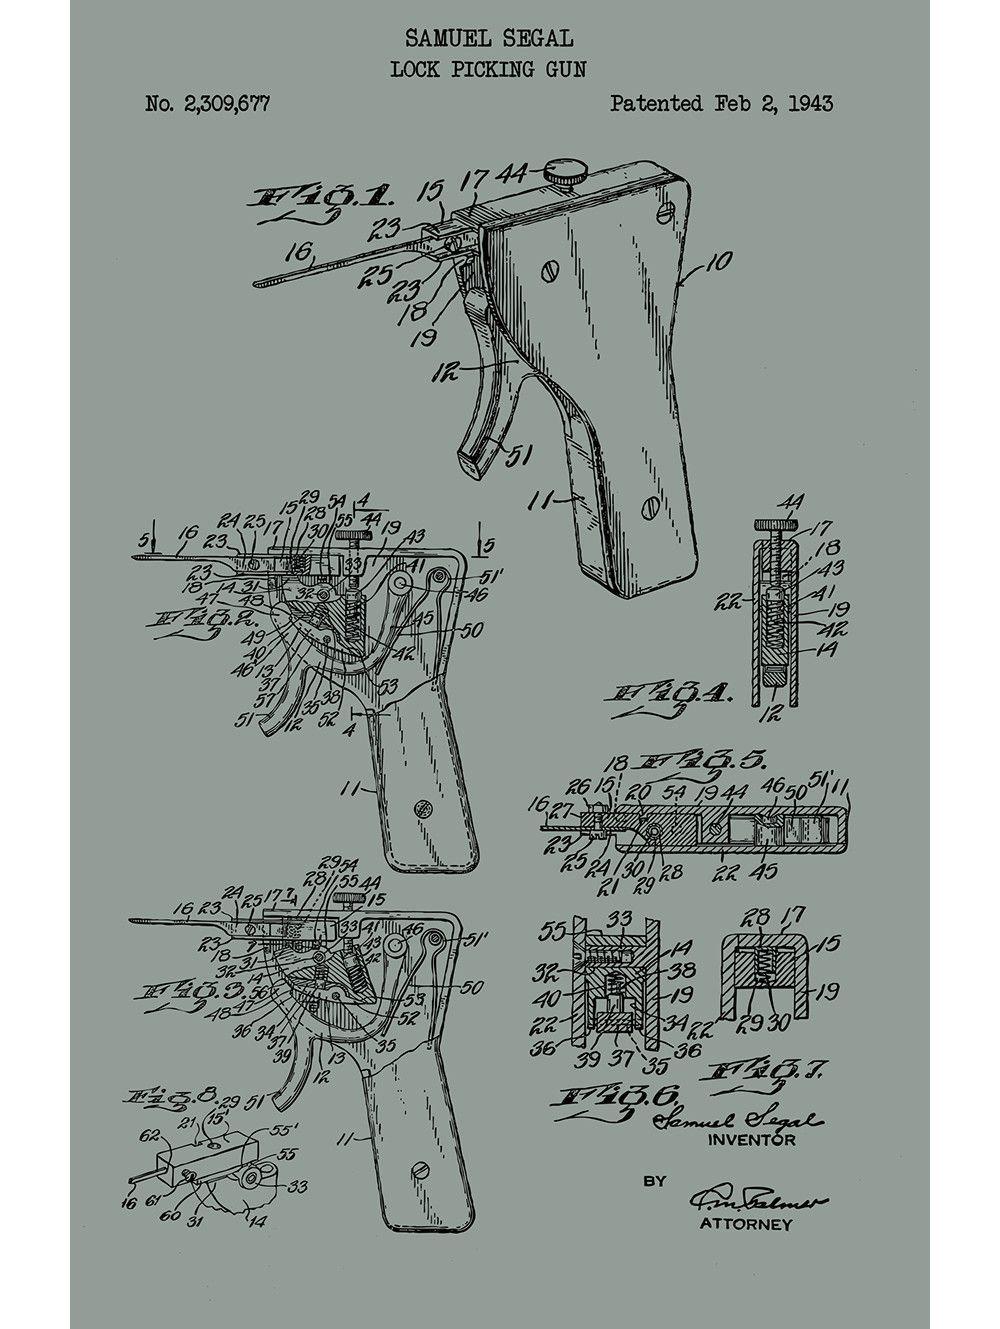 lock picking apparatus samuel segal 1943 [ 1000 x 1329 Pixel ]